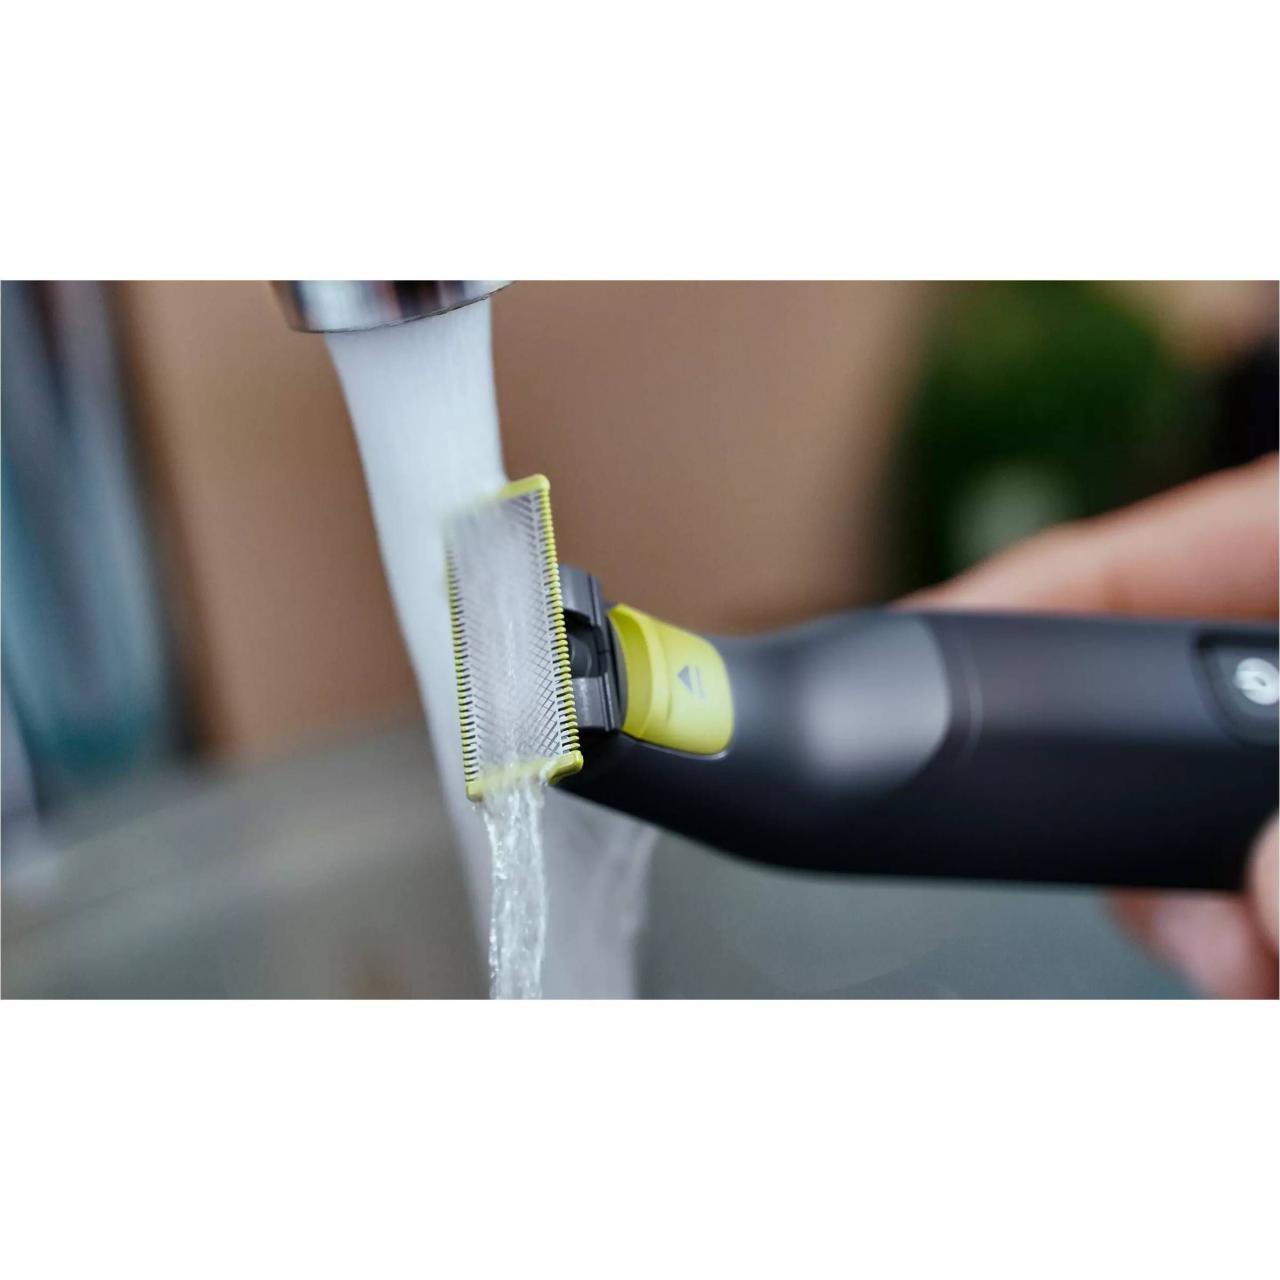 Aparat Philips OneBlade Pro  QP6530/15 pentru fata, Pieptene cu 12 lungimi, Display LED, Baterie Li-ion, Negru